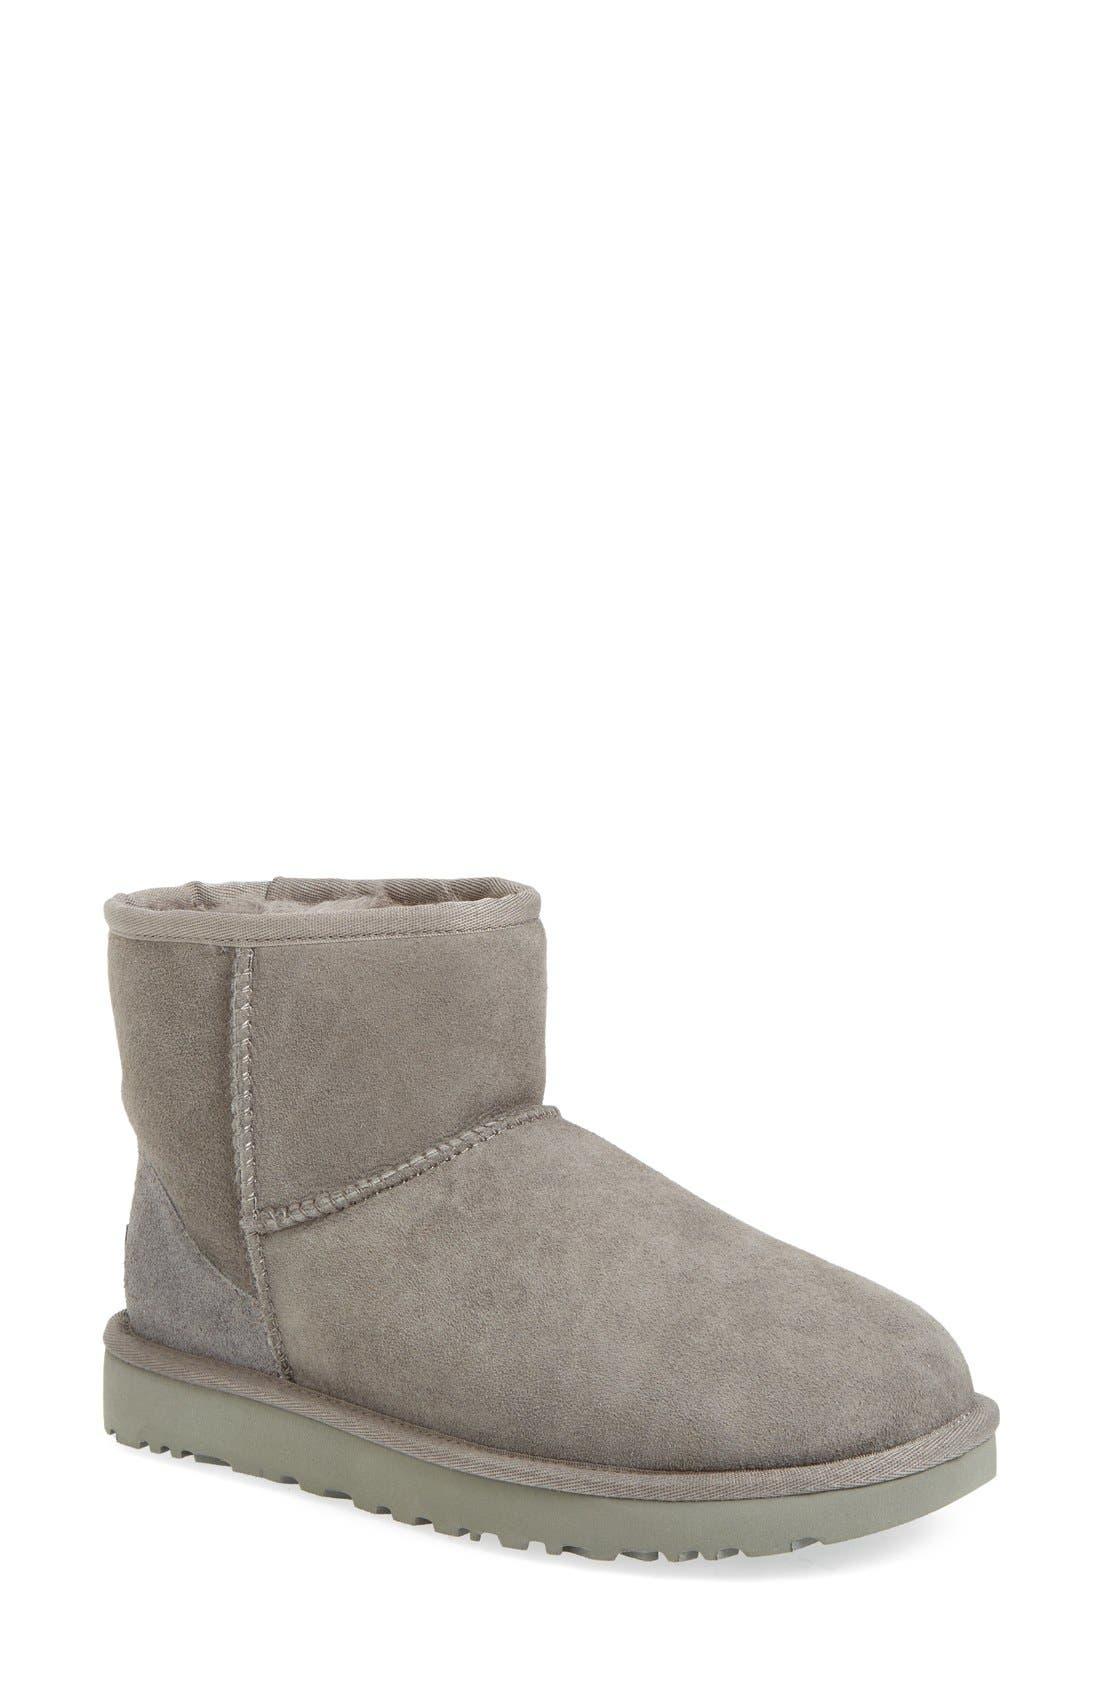 women s grey ugg boots more nordstrom rh shop nordstrom com